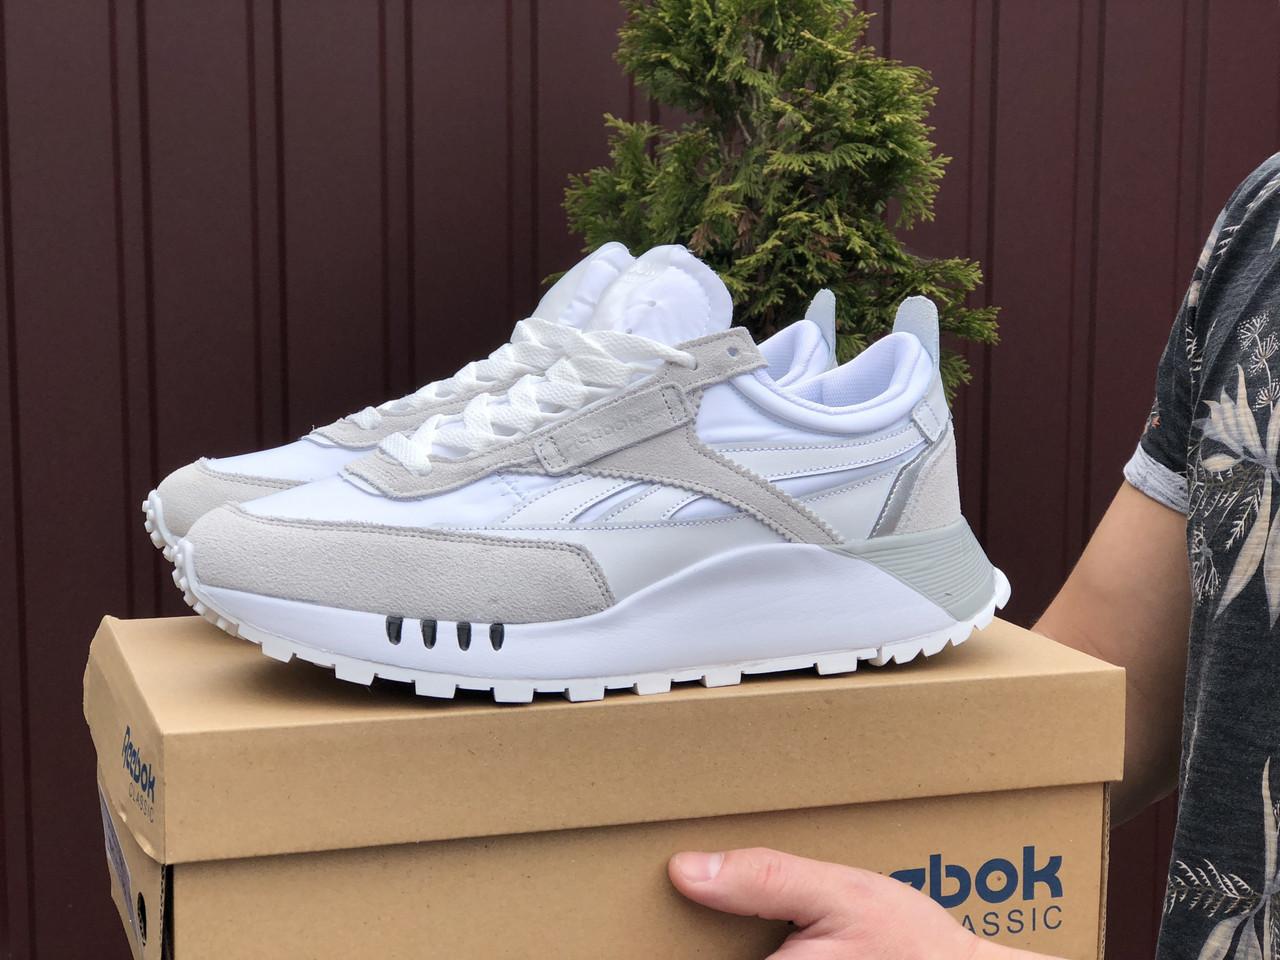 Чоловічі кросівки Reebok білі / замшеві кросівки Рібок (Топ репліка ААА+)